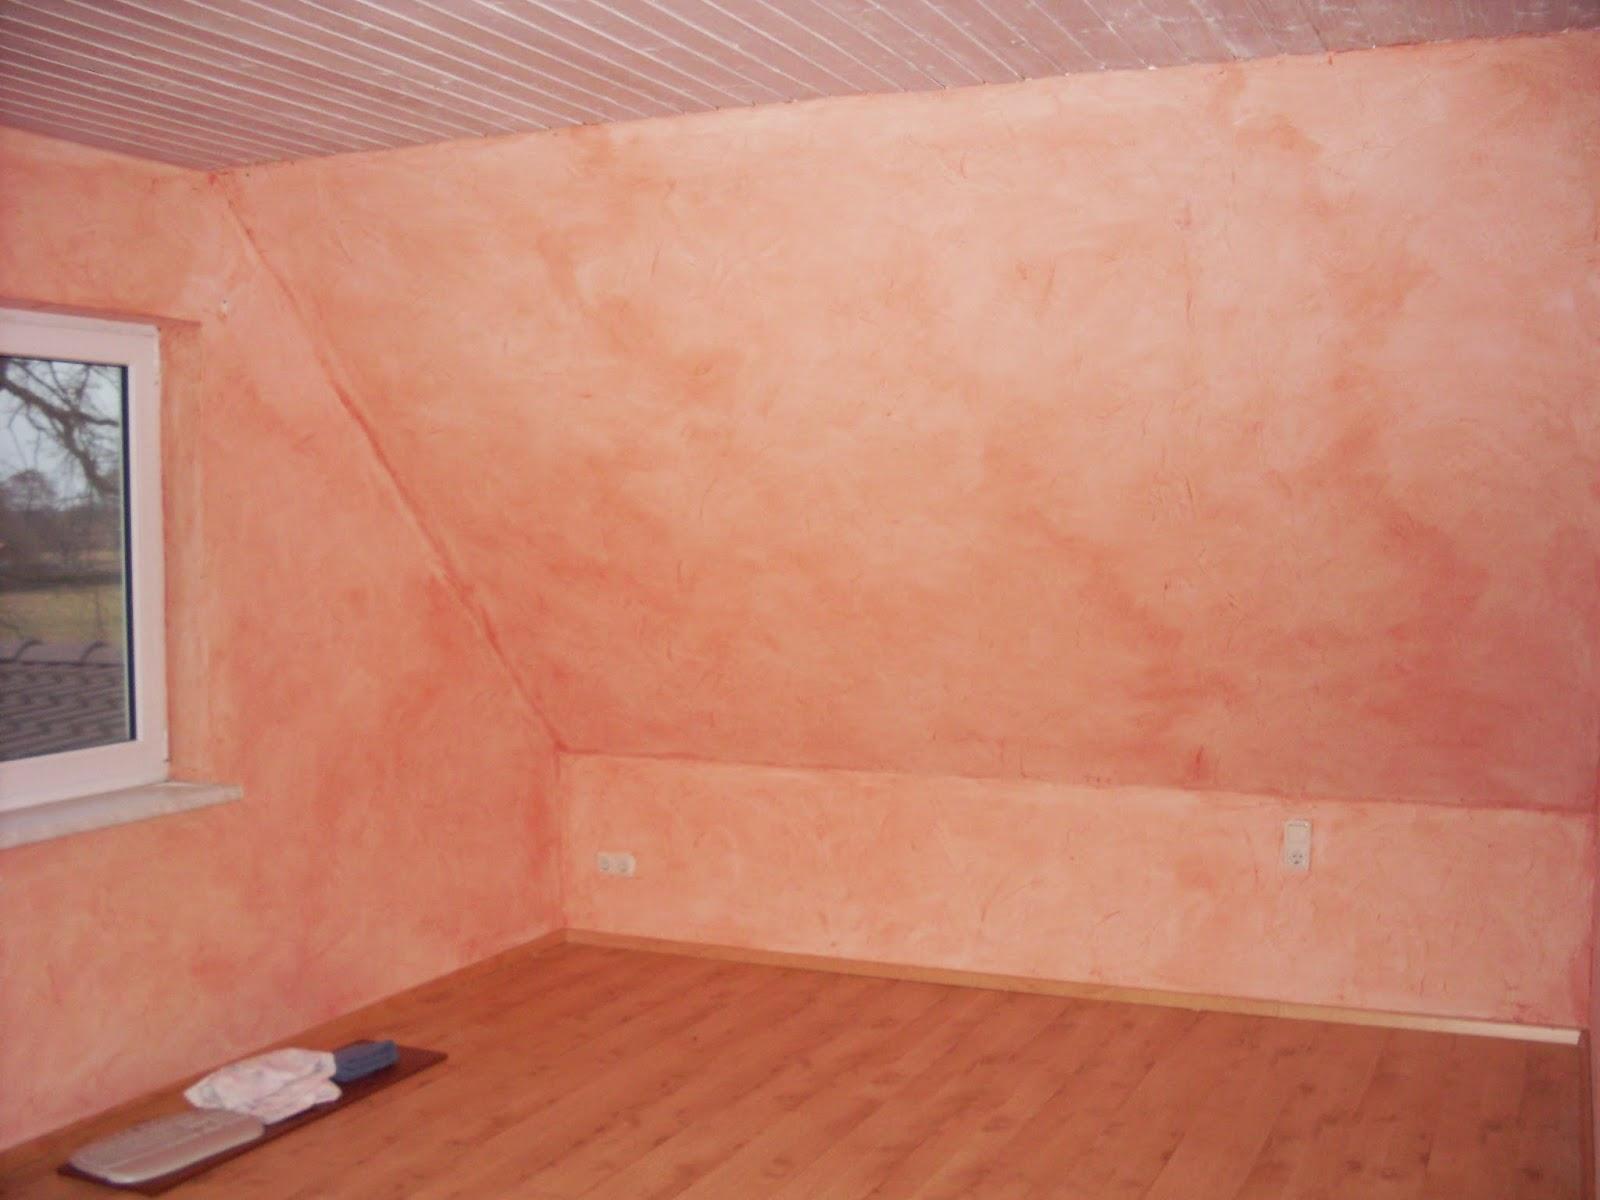 FrauenKrimsKrams: Haus umbauen/renovieren